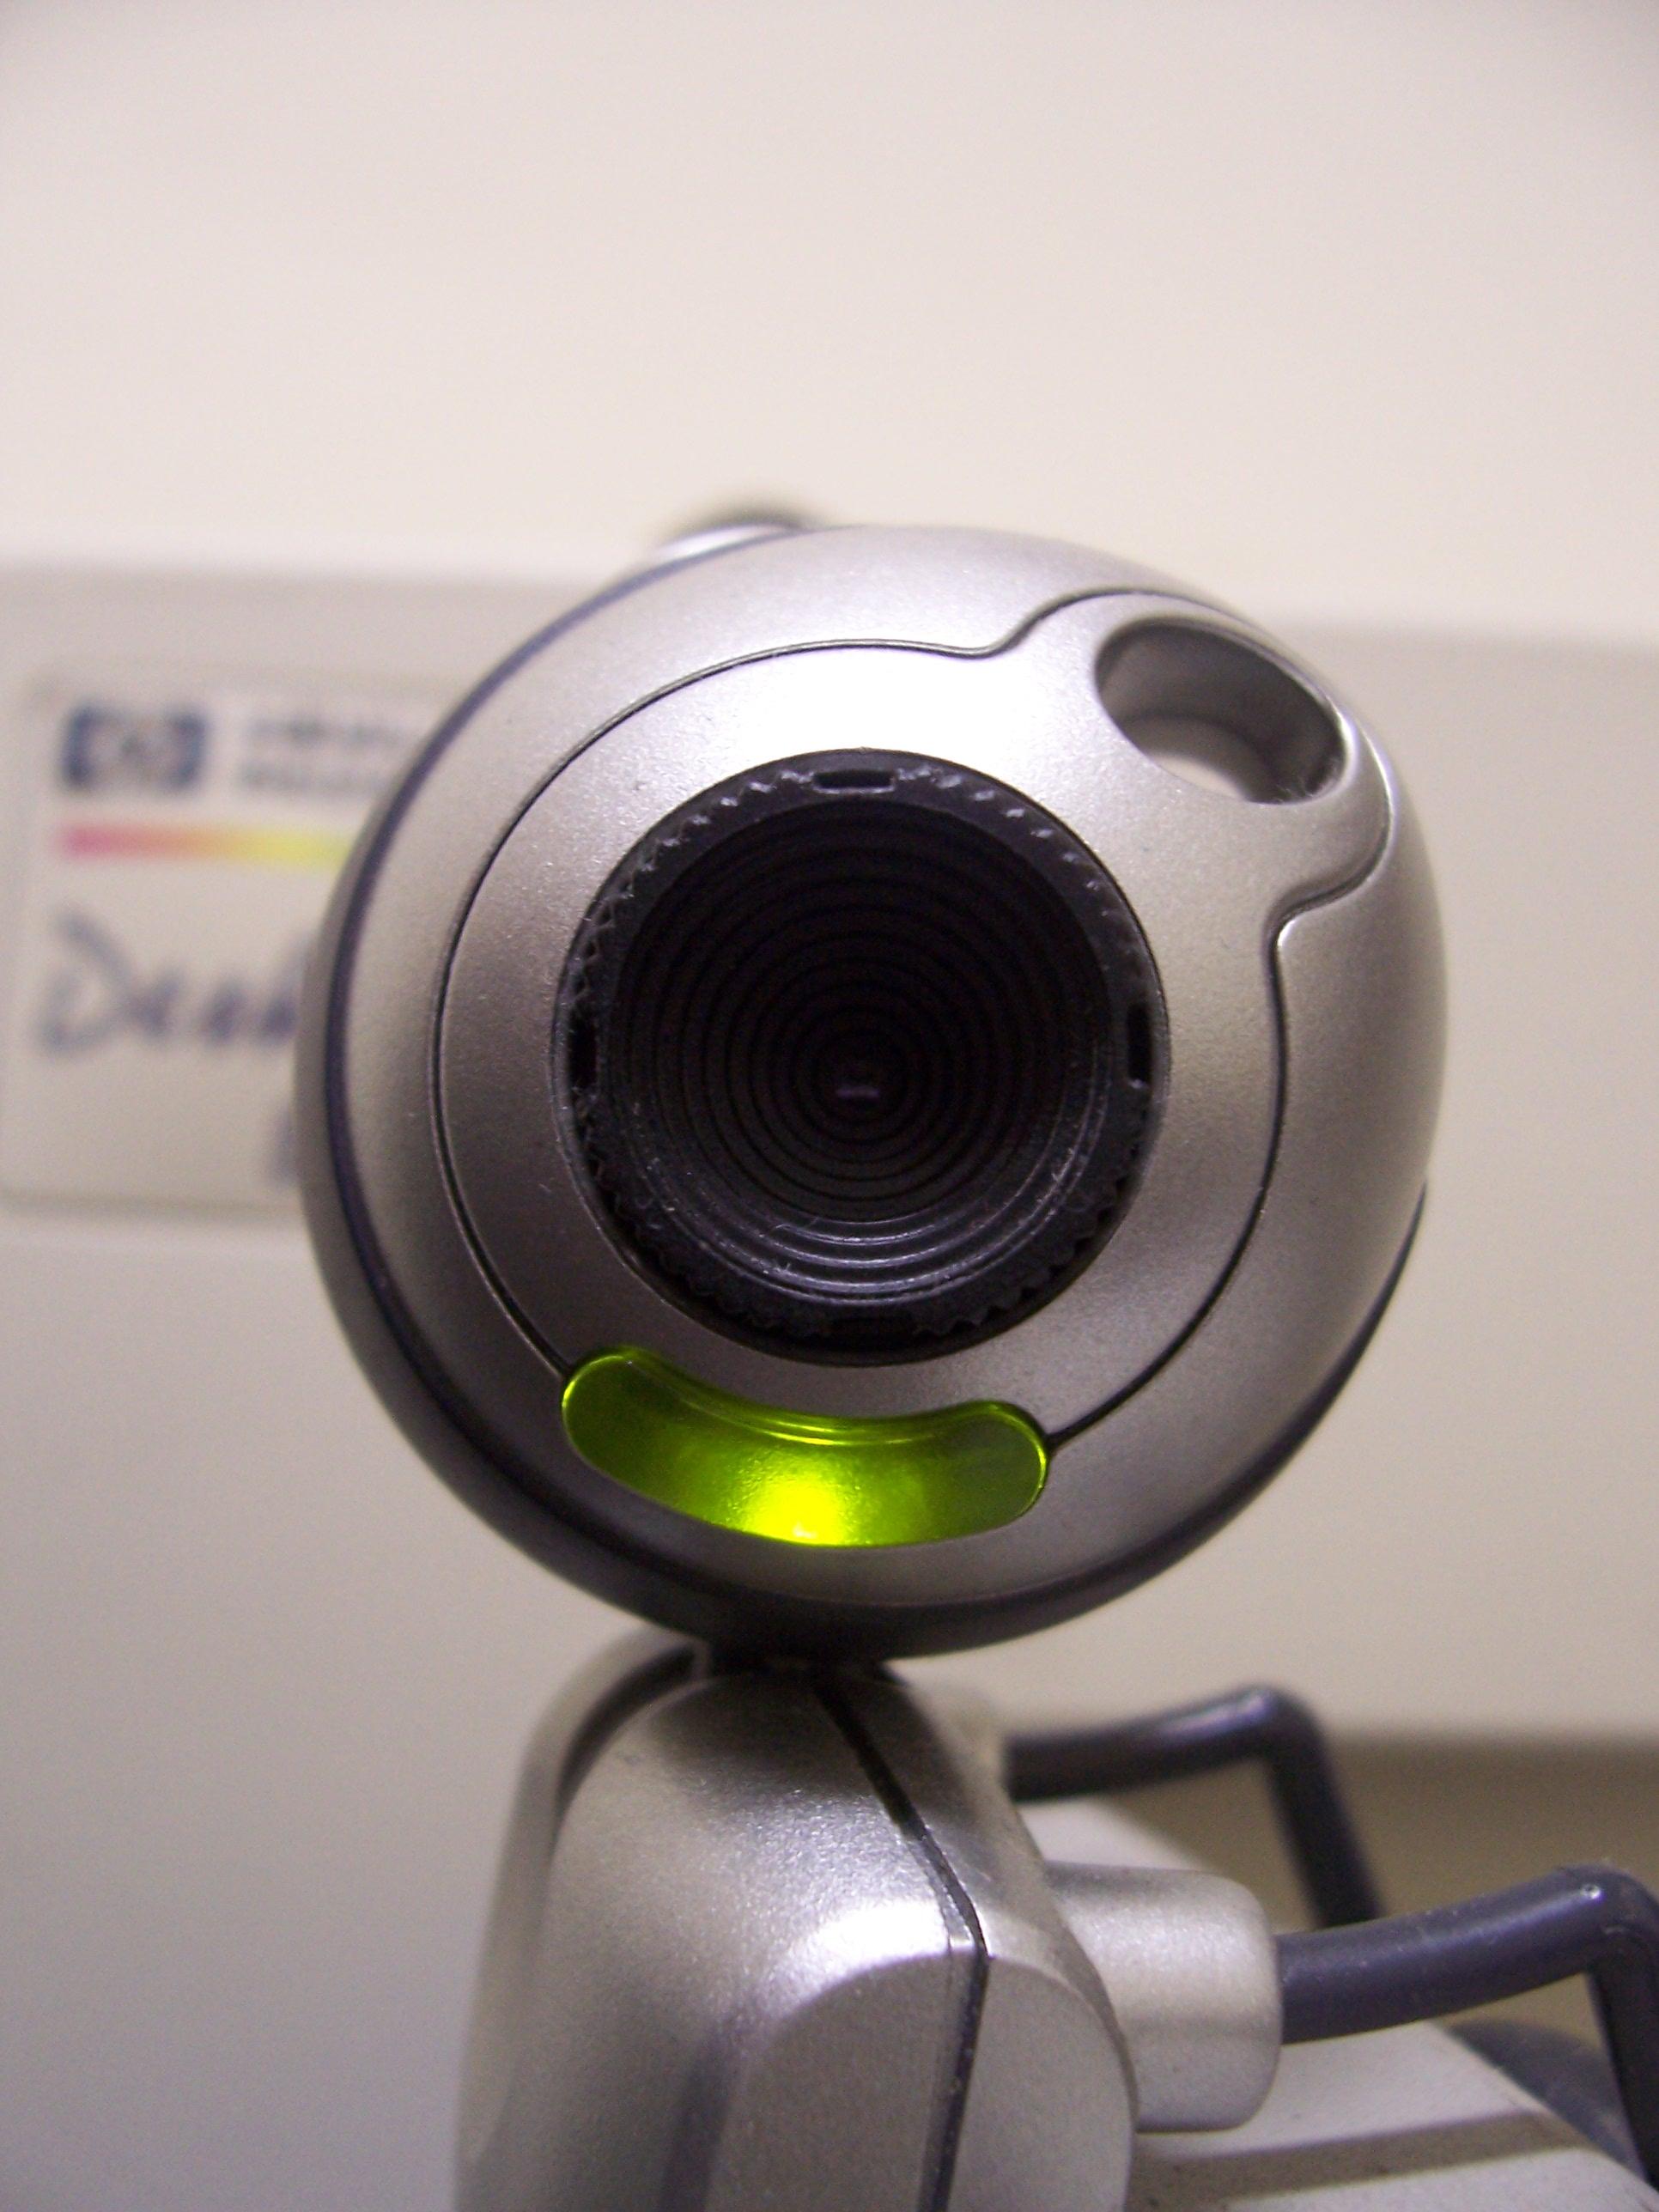 хоть каждый веб-камеру в военной форме пока кроме говна